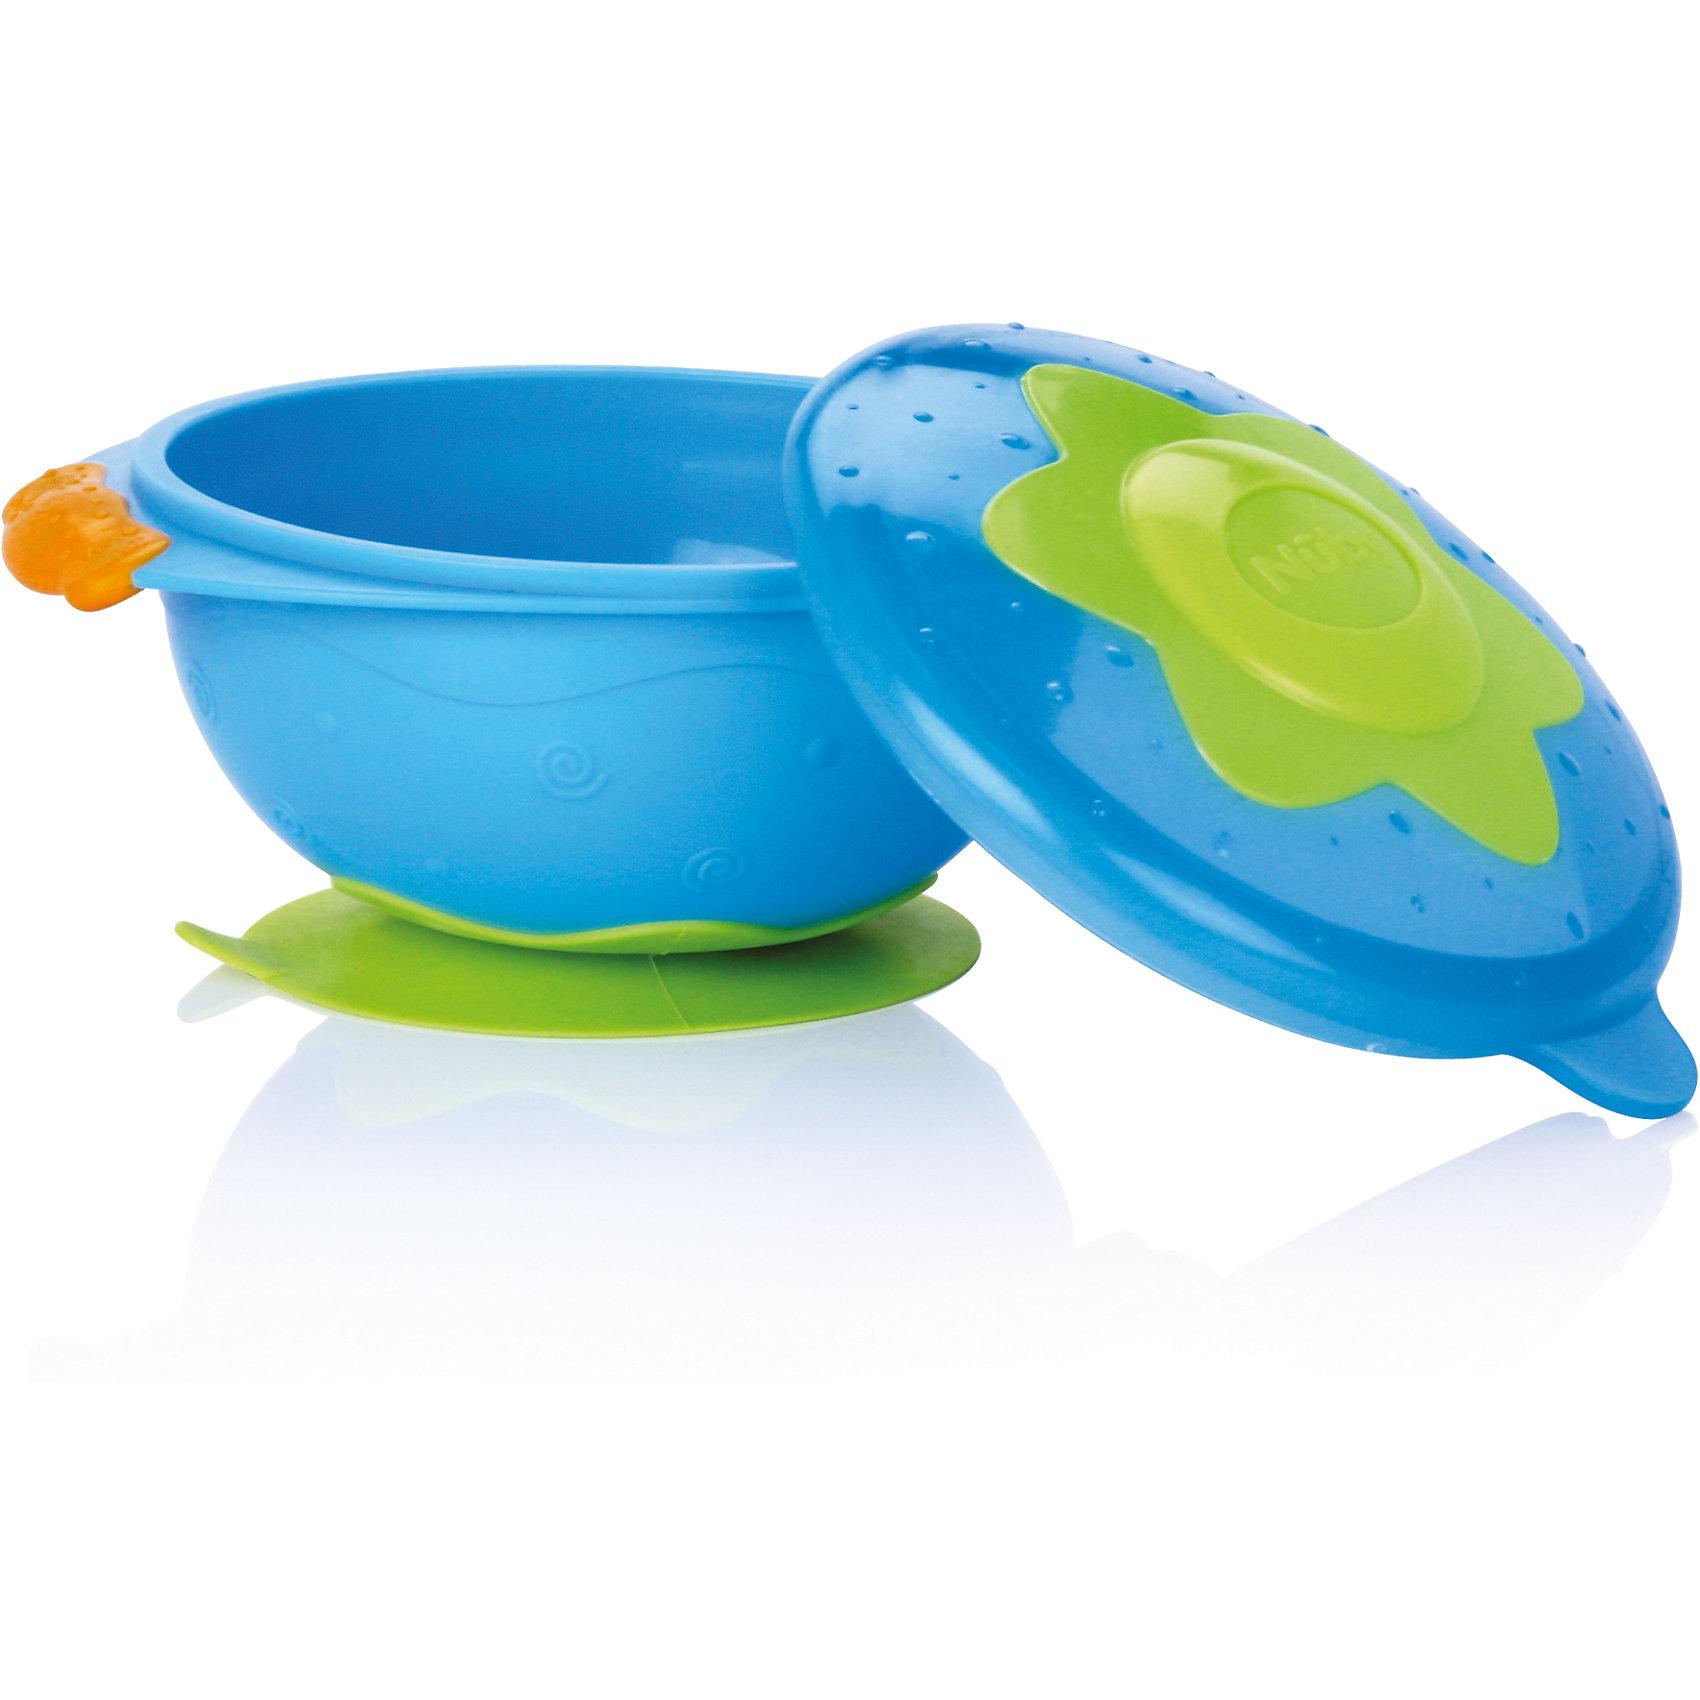 Тарелка на присоске для СВЧ, Nuby, голубойТарелки<br>Тарелка на присоске Nuby для микроволновой печи. <br>Процесс кормления ребенка должен быть легким для мамы и интересным для малыша. Именно эту задачу выполняет серия «Улёт! посуда». Тарелка изготовлена из прочного небьющегося пластика и подходит для ежедневного кормления ребенка. Ее удобно использовать во время путешествий или прогулок. Такую тарелку легко держать как левой, так и правой рукой. <br>Она достаточно глубокая и подходит для хранения любого вида пищи. Плотная крышка надежно закрывается и не допускает протекания или вытекания содержимого. Вы можете выбирать и комбинировать предметы серии «Улёт! посуда» по своему вкусу. <br>Тарелку на присоске Nuby для микроволновой печи можно купить в нашем интернет магазине.<br><br>Ширина мм: 159<br>Глубина мм: 223<br>Высота мм: 132<br>Вес г: 136<br>Цвет: голубой<br>Возраст от месяцев: 9<br>Возраст до месяцев: 24<br>Пол: Унисекс<br>Возраст: Детский<br>SKU: 4385875